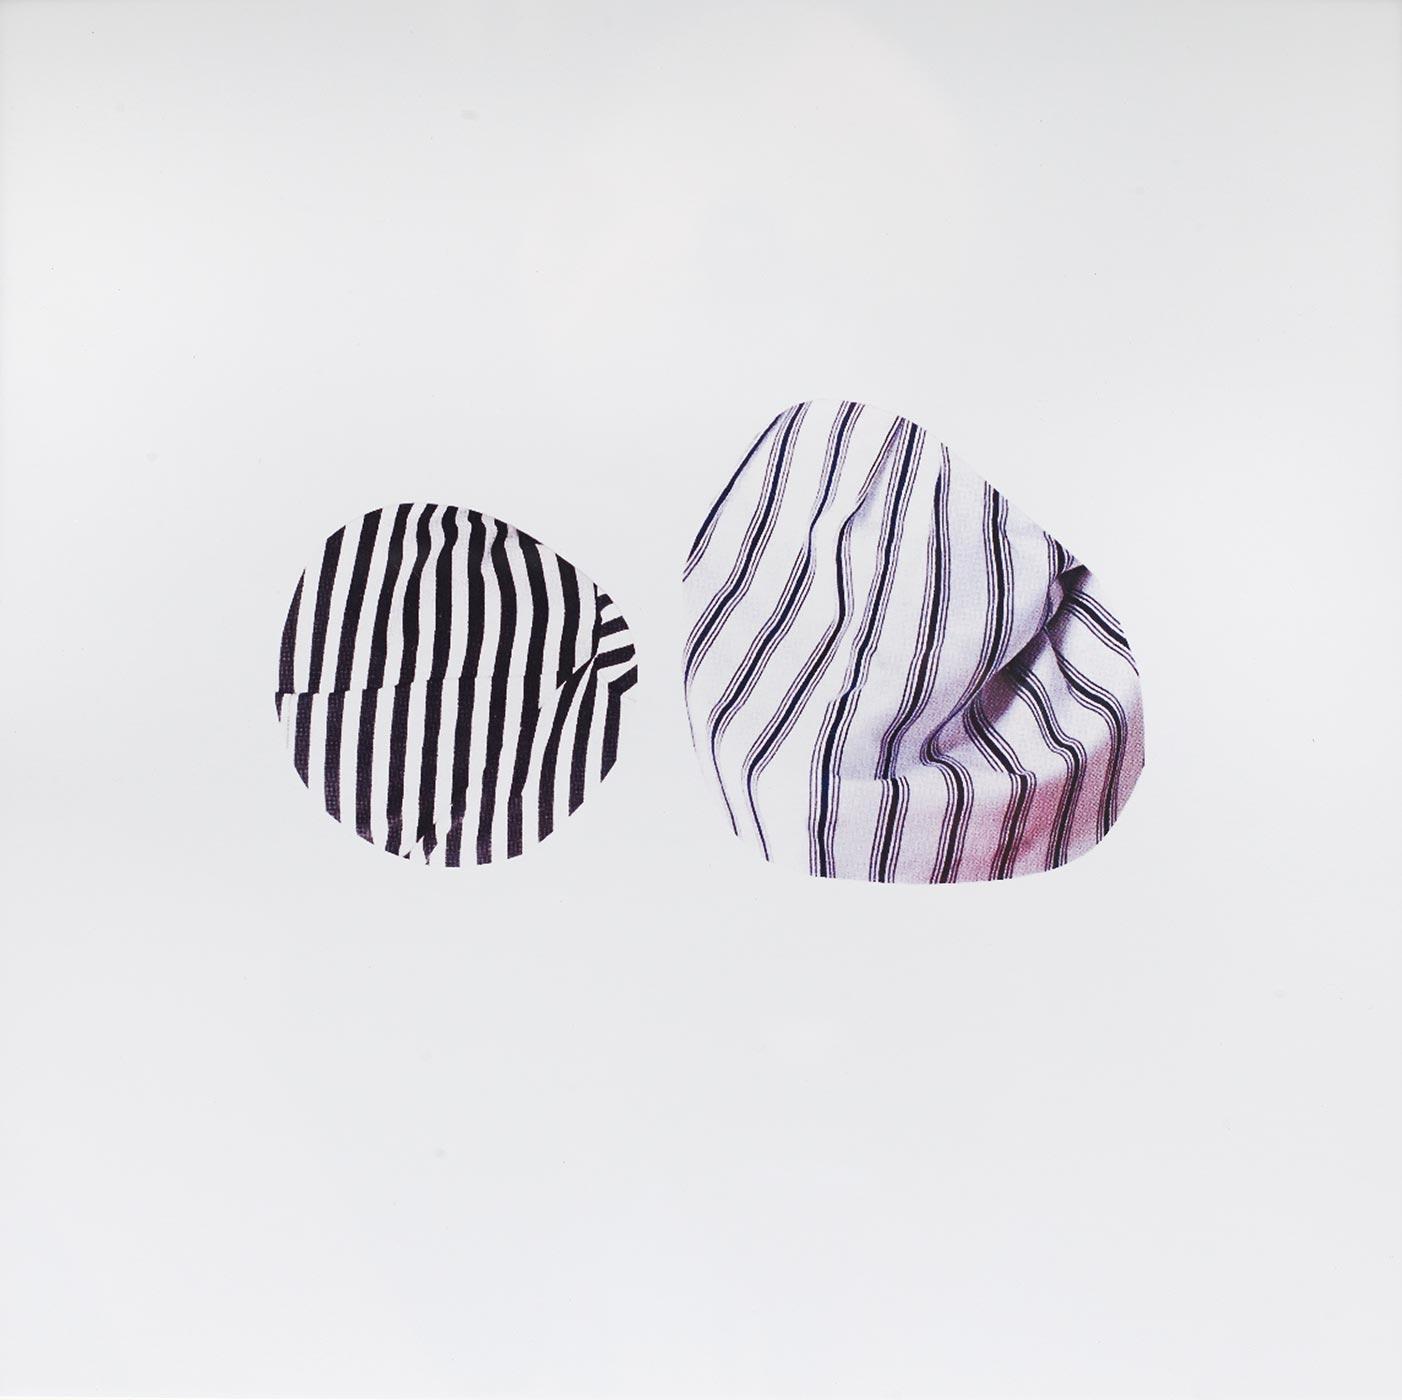 Kelly K. Uyeda - Sitting Stripes